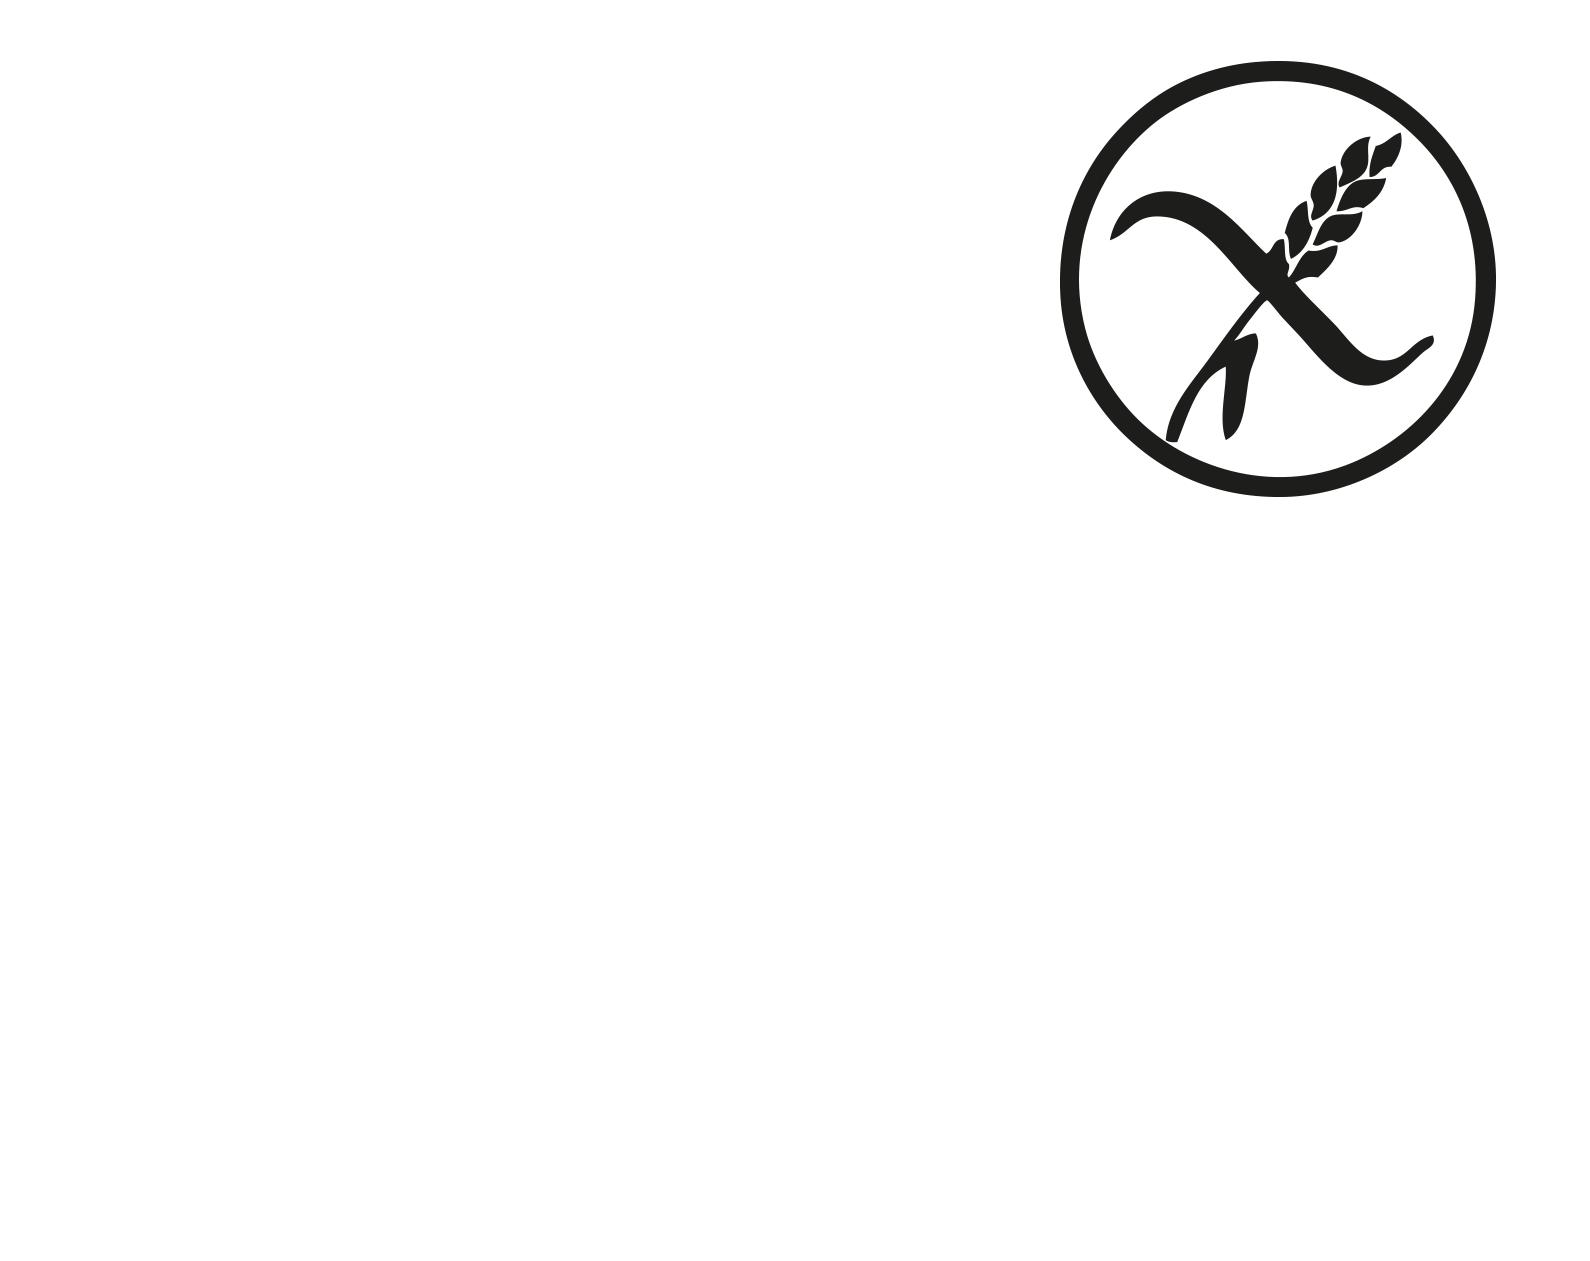 glutenfrei symbol eine marke f r glutenintolerante personen ig z liakie. Black Bedroom Furniture Sets. Home Design Ideas